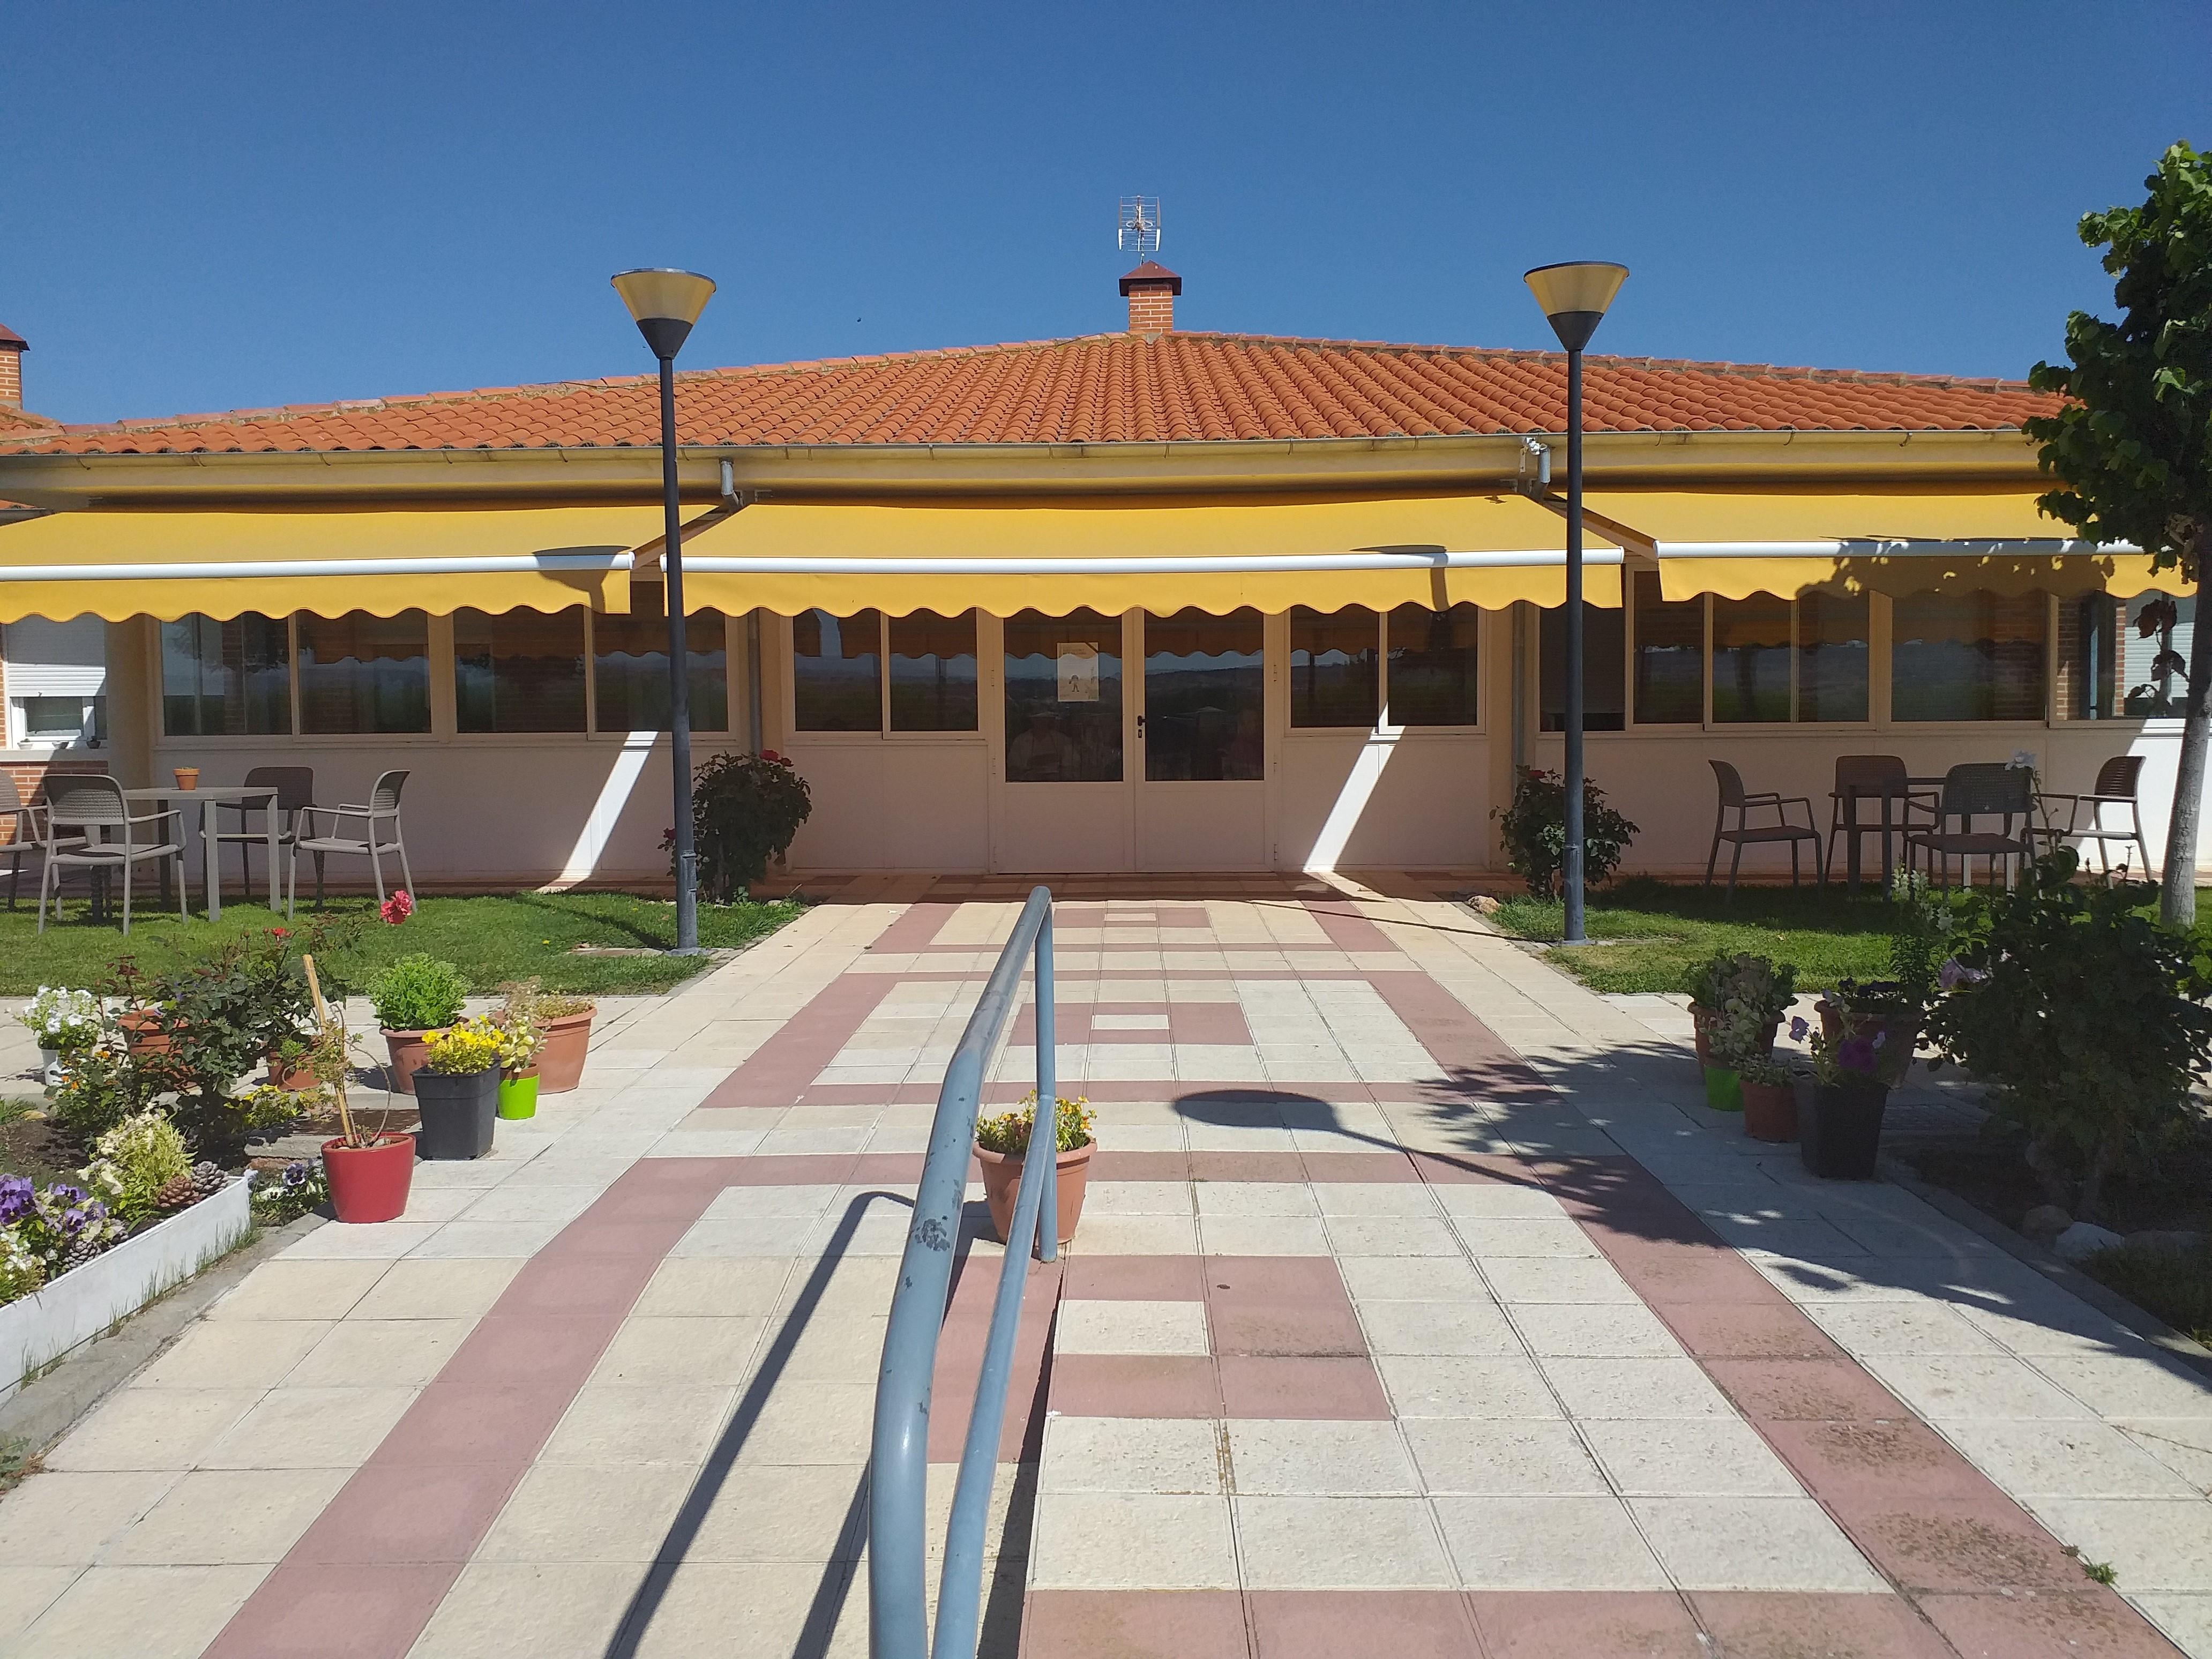 Residencia_Colisée_Alcaraz_Exterior_1